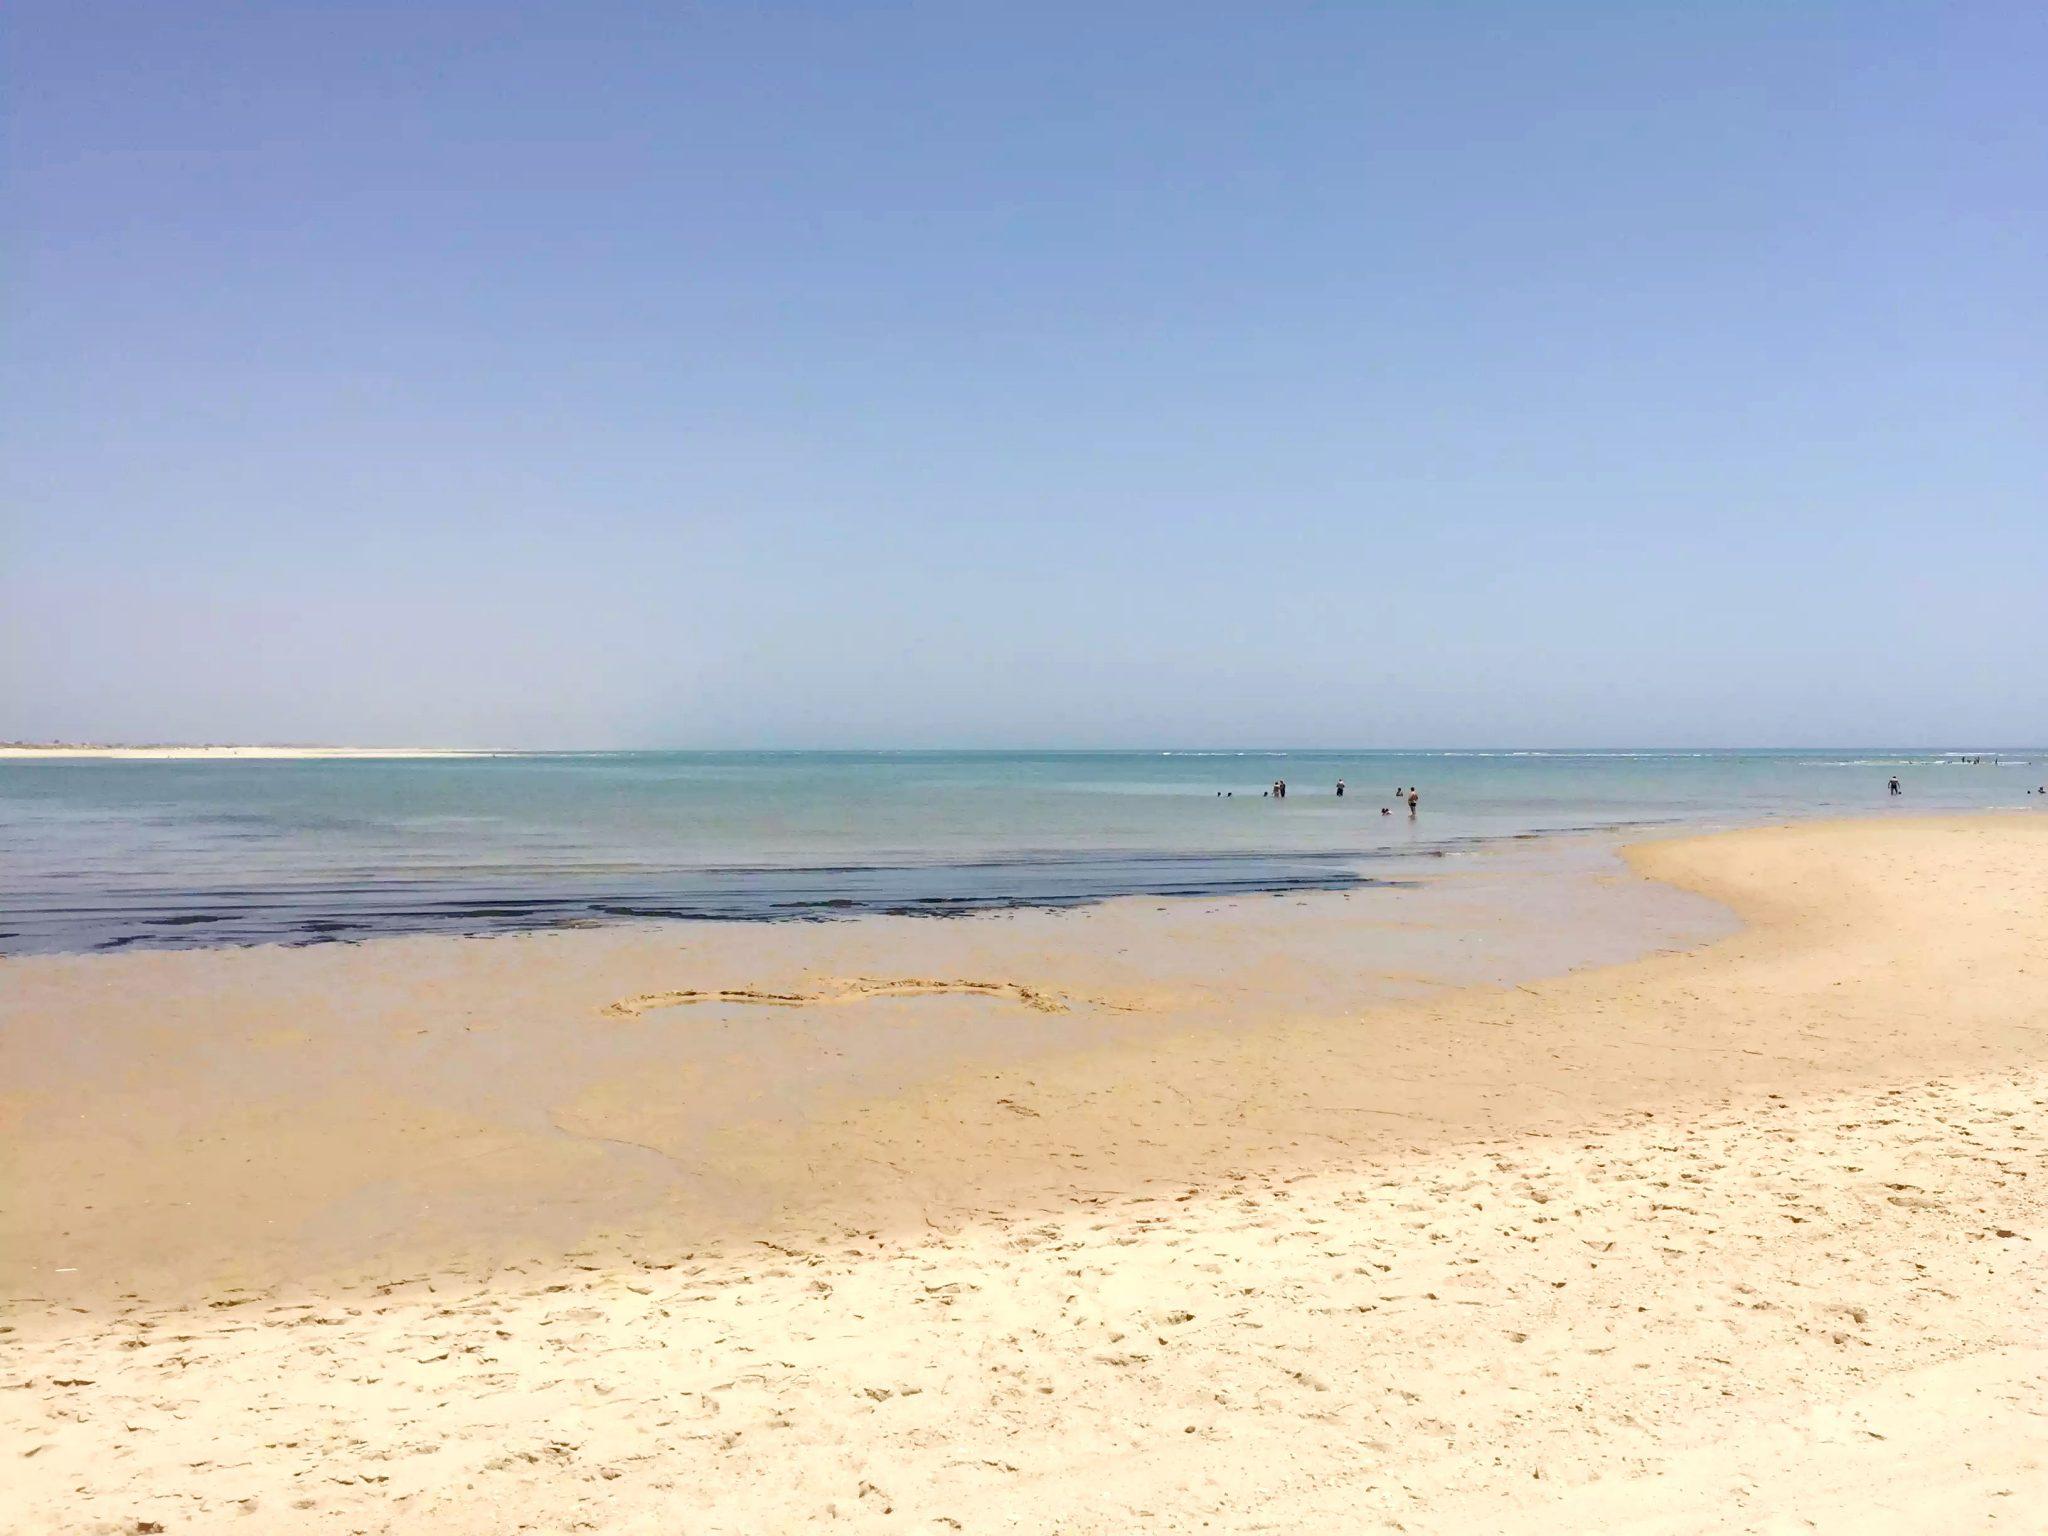 Day-Trip to Armona Island, Algarve, Portugal